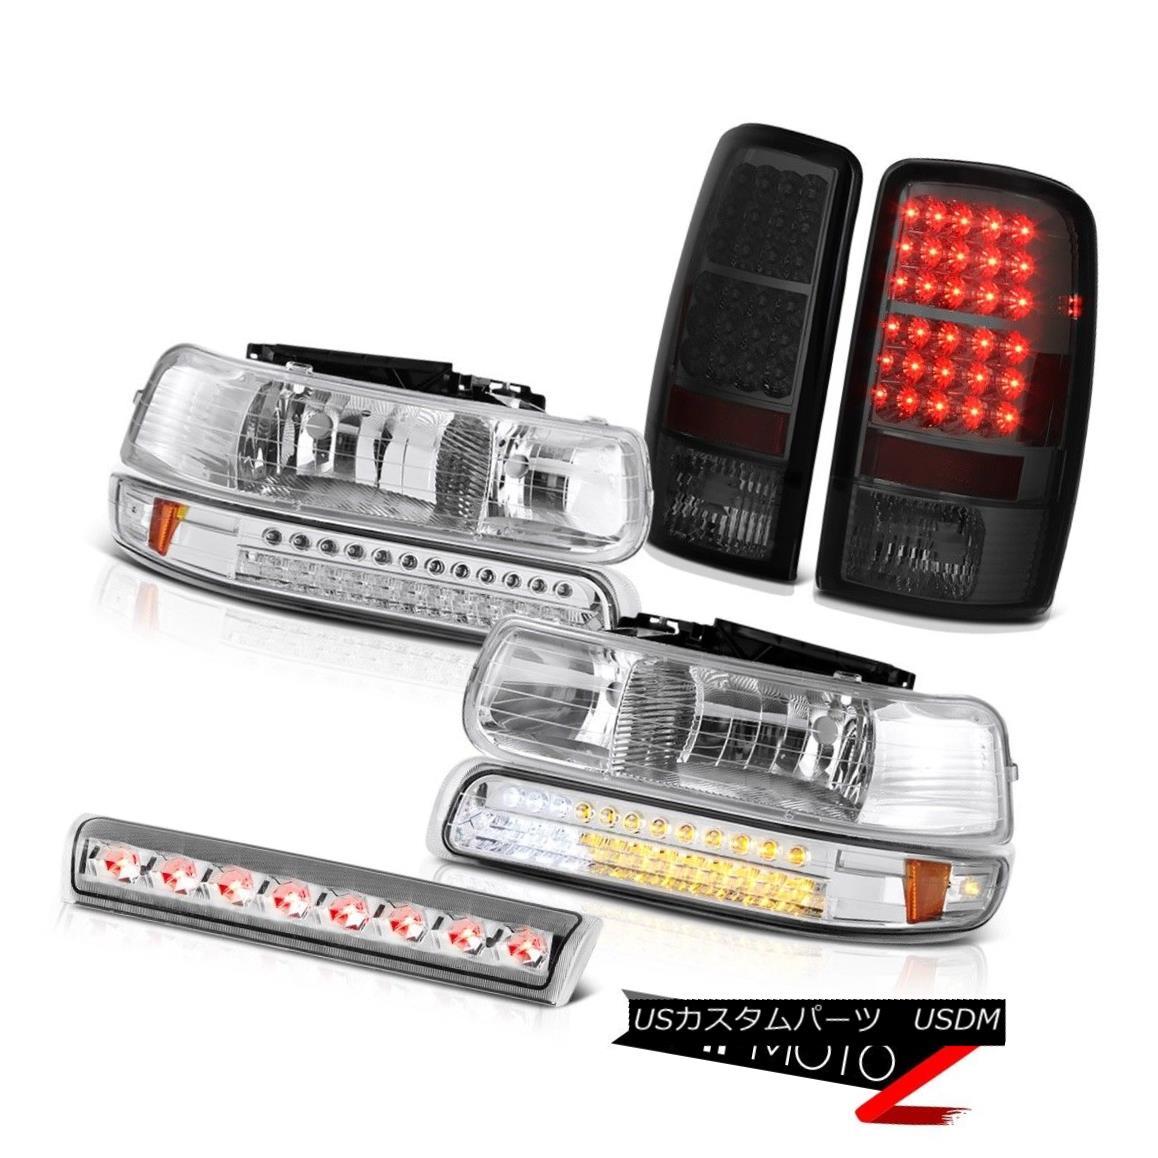 ヘッドライト 2000-2006 Suburban 5.7L Parking Headlight Smoke Taillights LED Euro Third Brake 2000-2006郊外5.7LパーキングヘッドライトスモークティアライトLEDユーロサードブレーキ